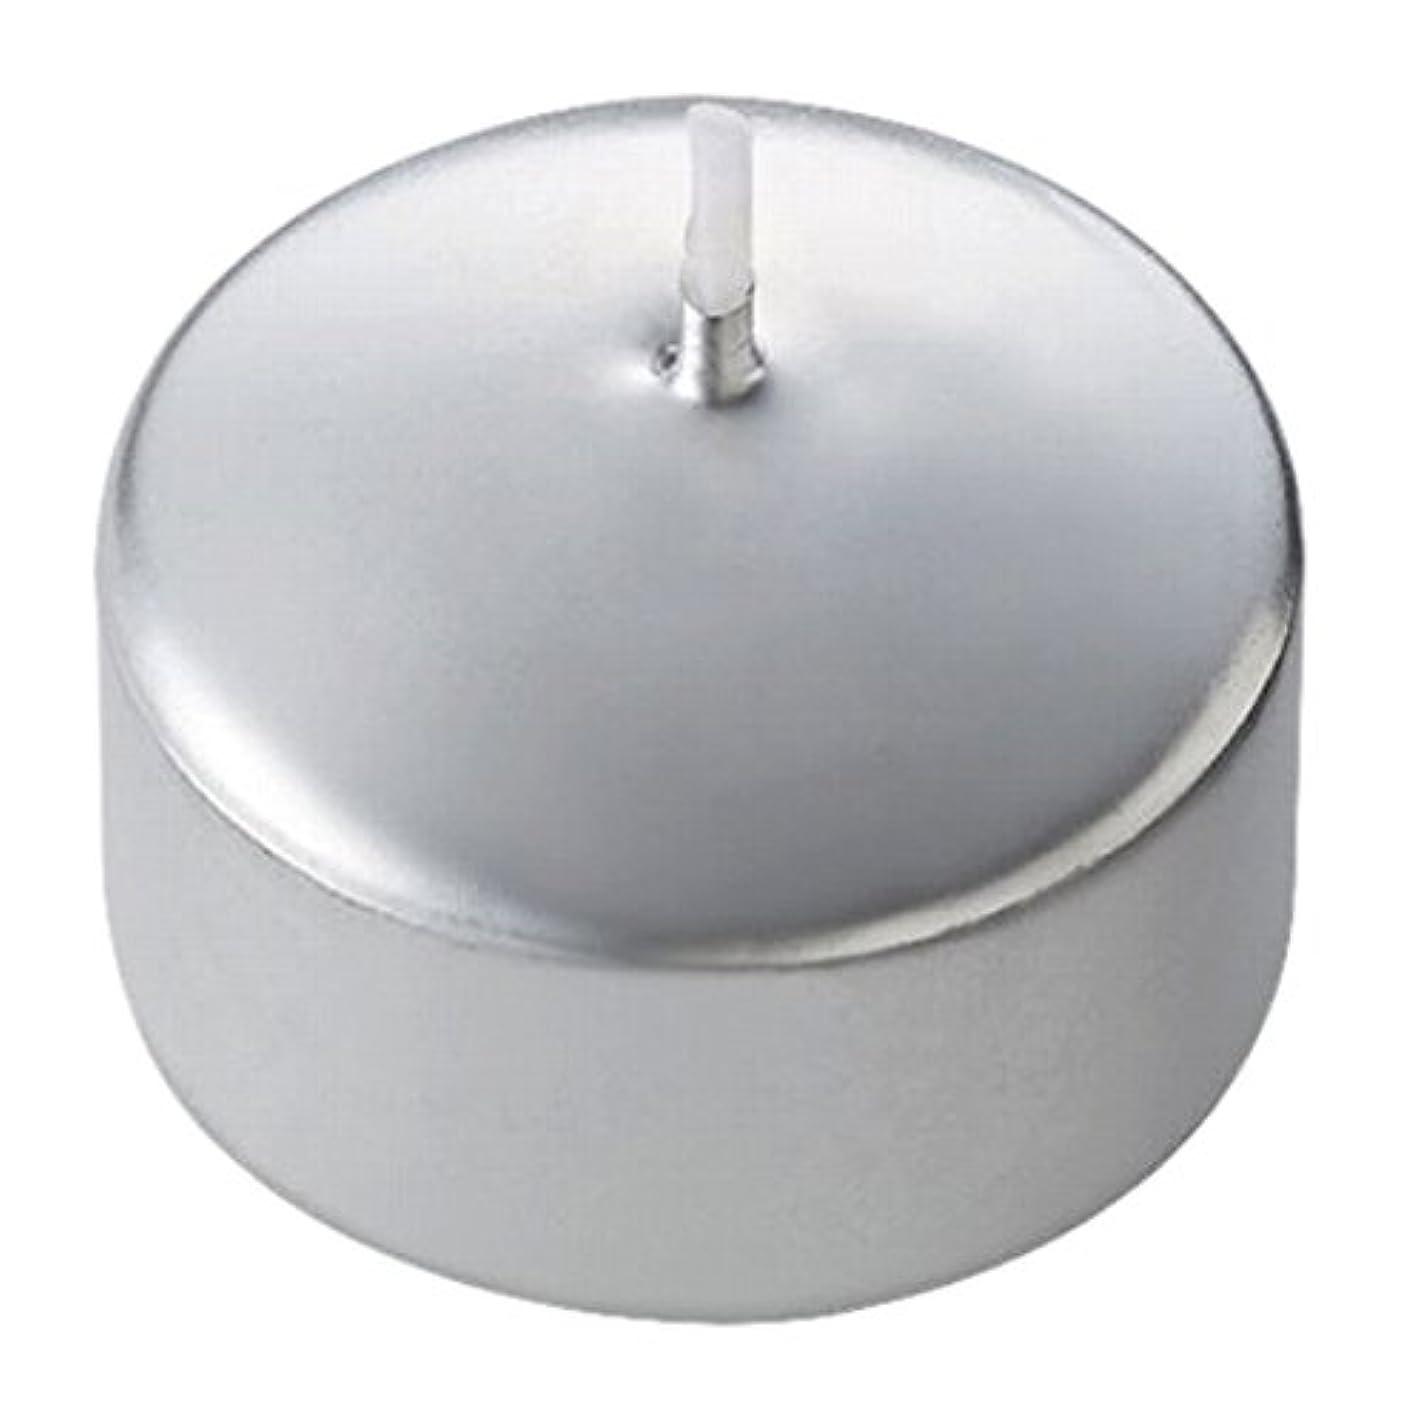 暗くするバター環境に優しいキャンドル ハッピープール(カラーアトリエ) 「 シルバー 」 24個入り 72800100SI